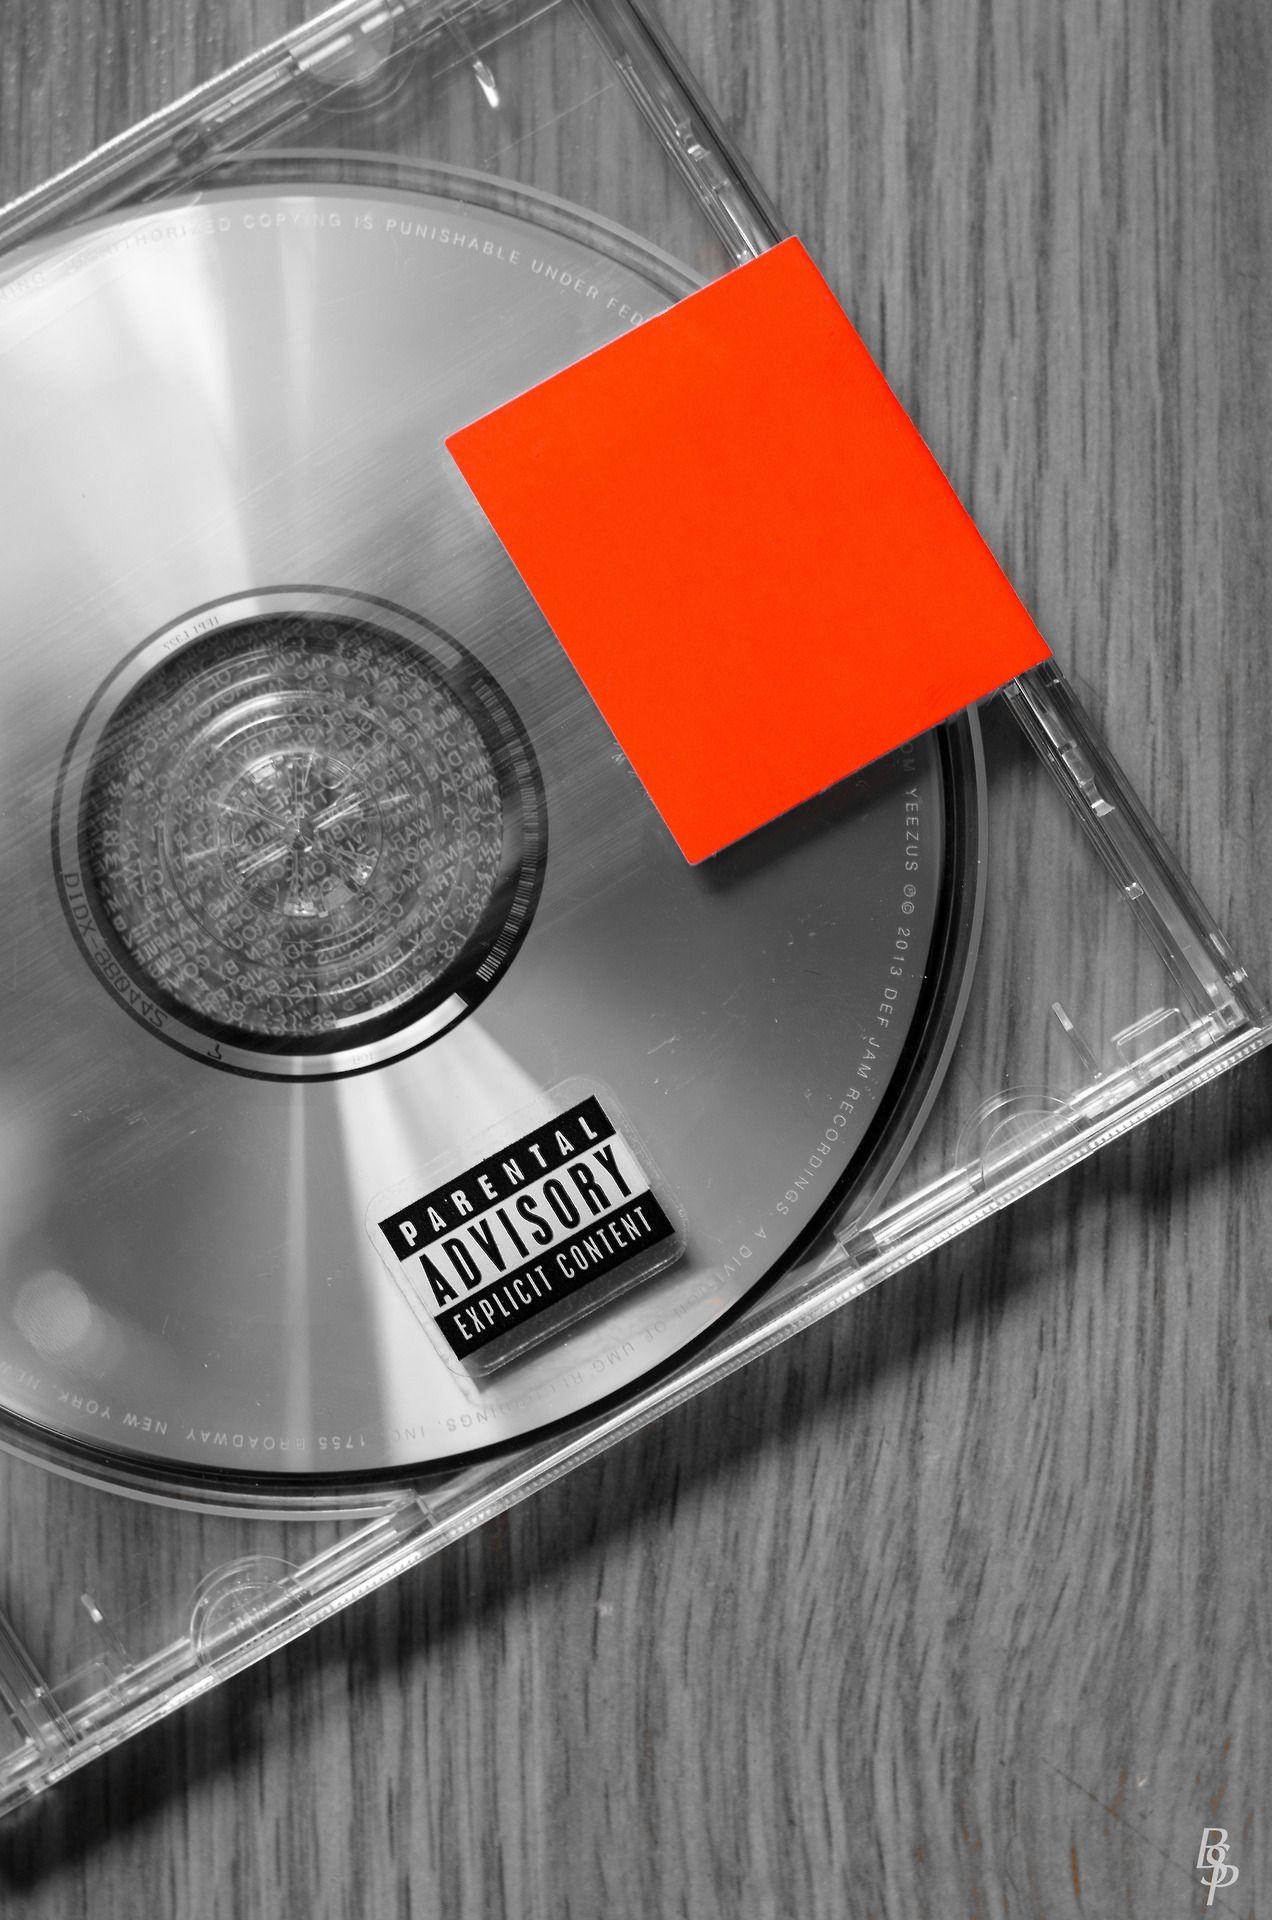 Yeezus Kanye West Kanye West Yeezus Yeezus Music Album Art